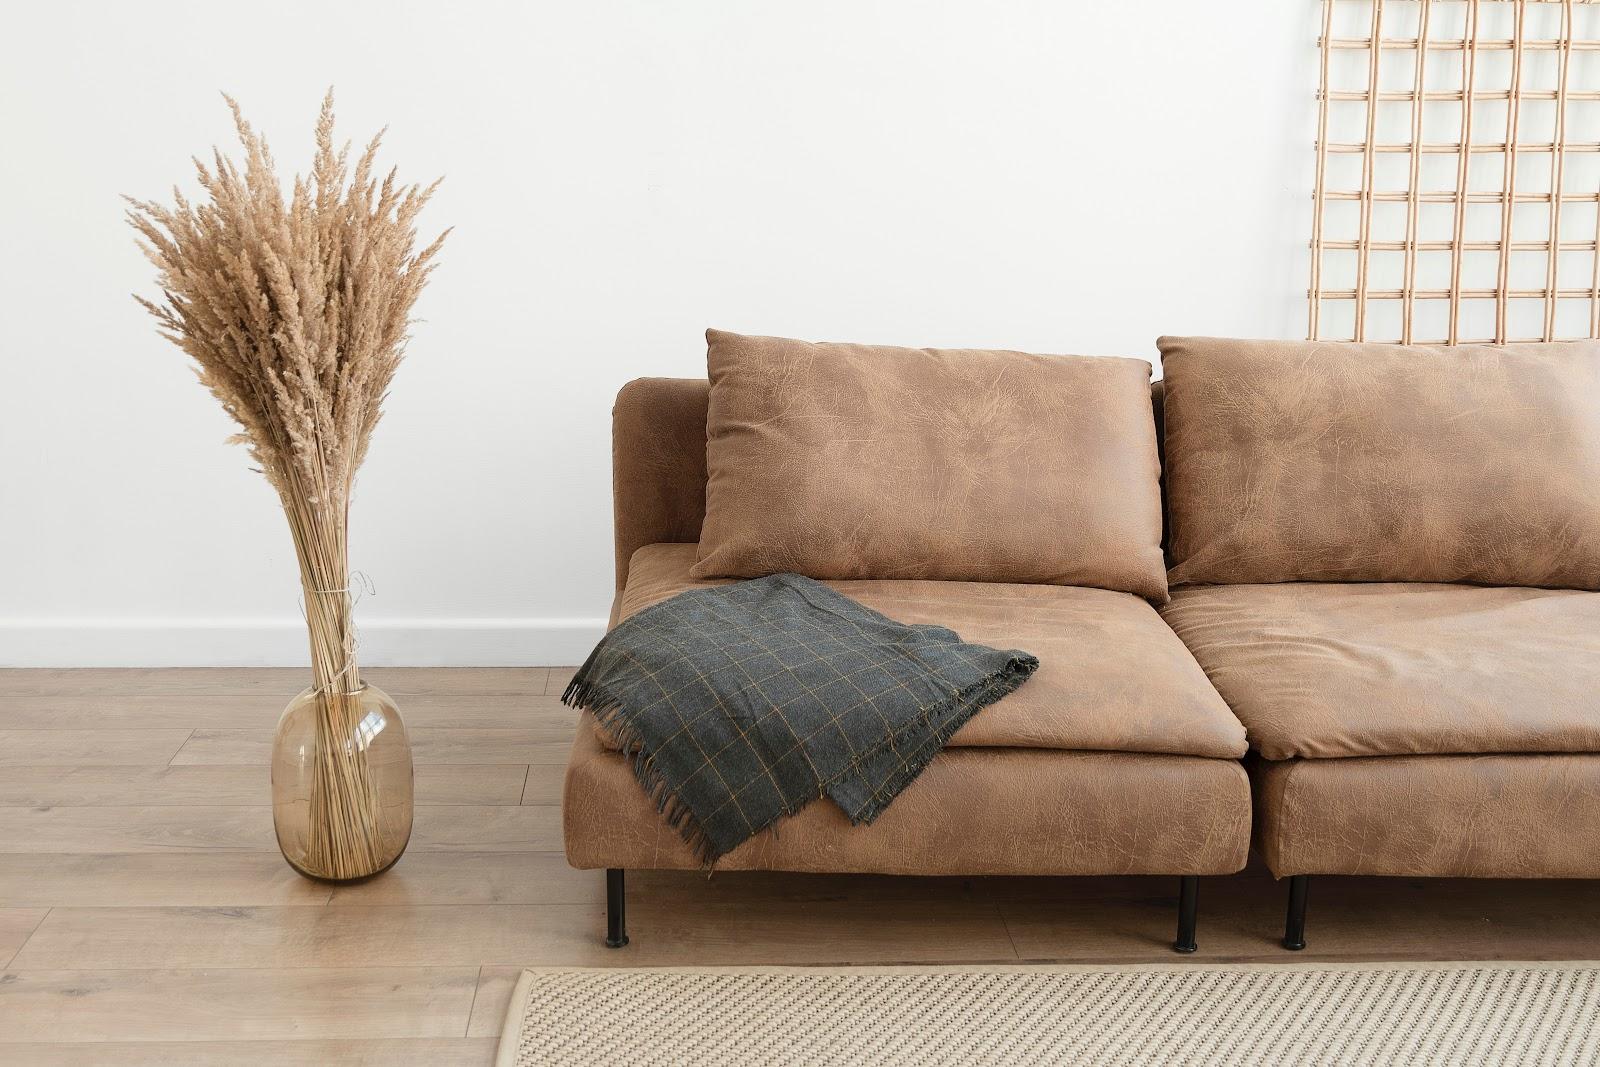 Desain minimalis sangat simple dan hanya membutuhkan furnitur secukupnya - source: unsplash.com